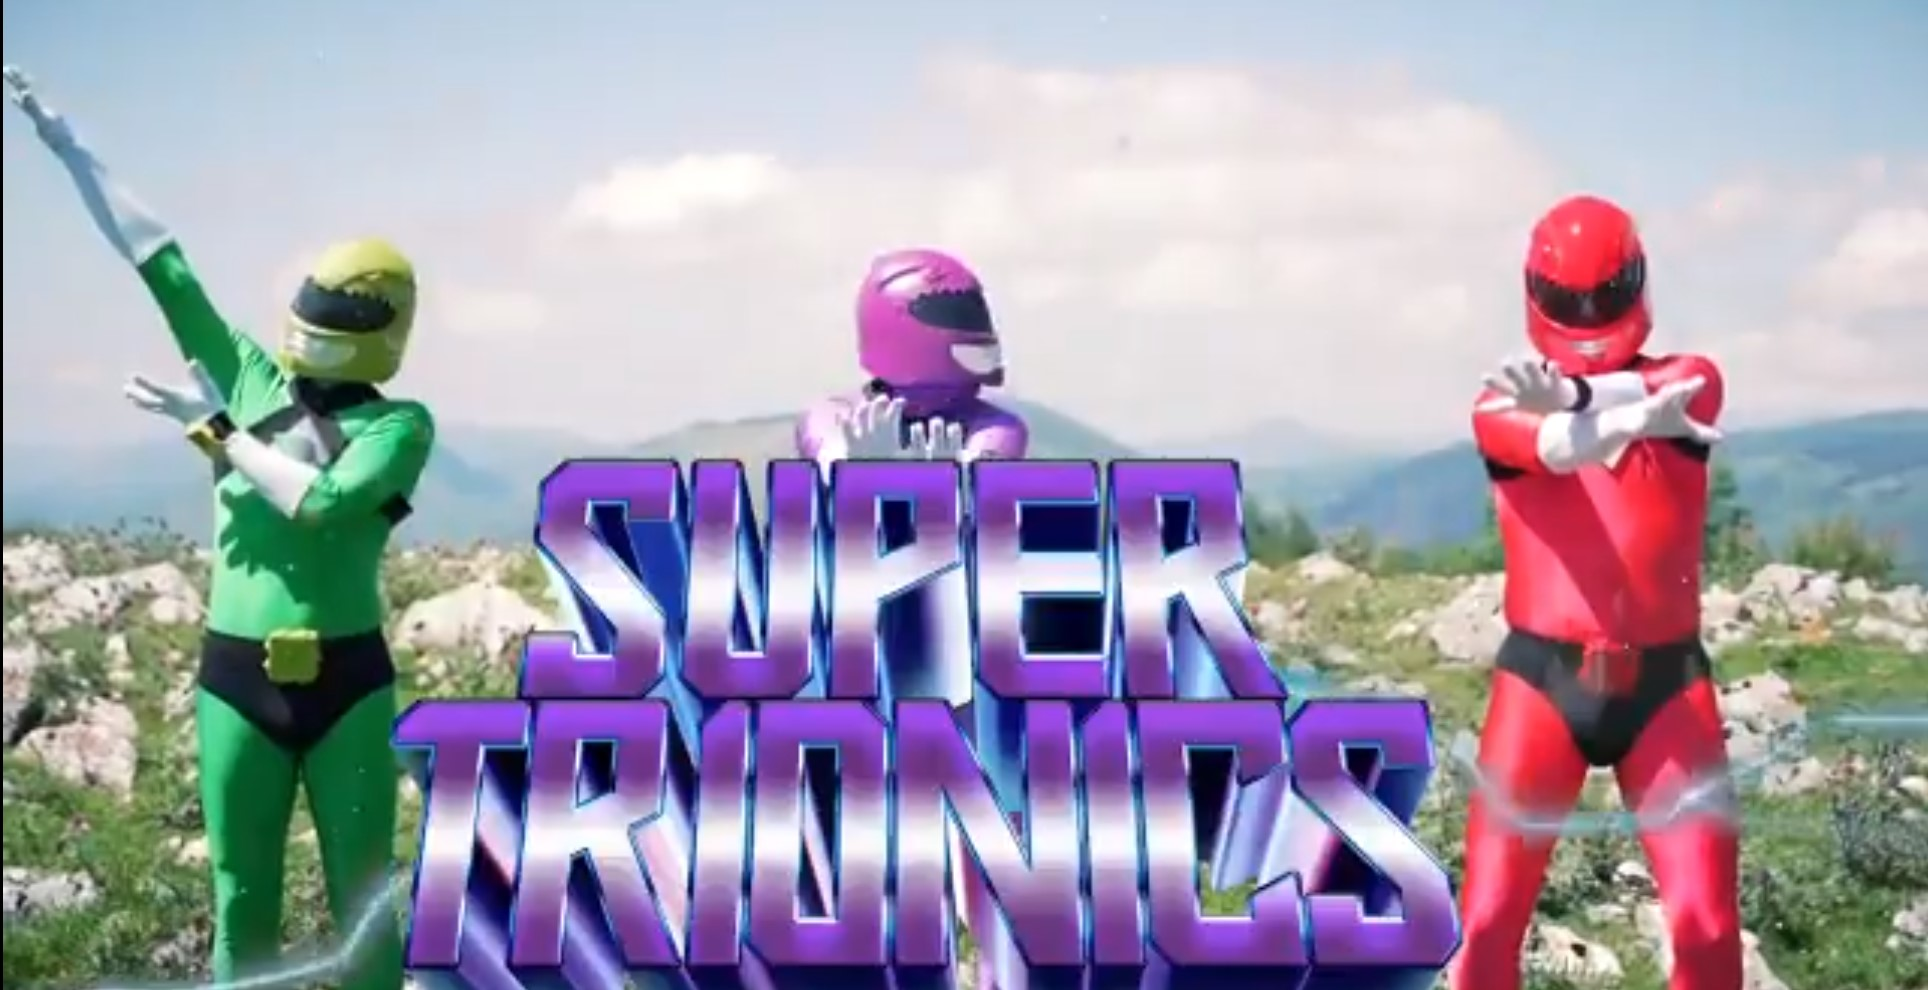 """Podemos Euskadi lanza un vídeo demigrante con una copia hacendado de los Power Rangers para atacar a """"Urkutron""""."""